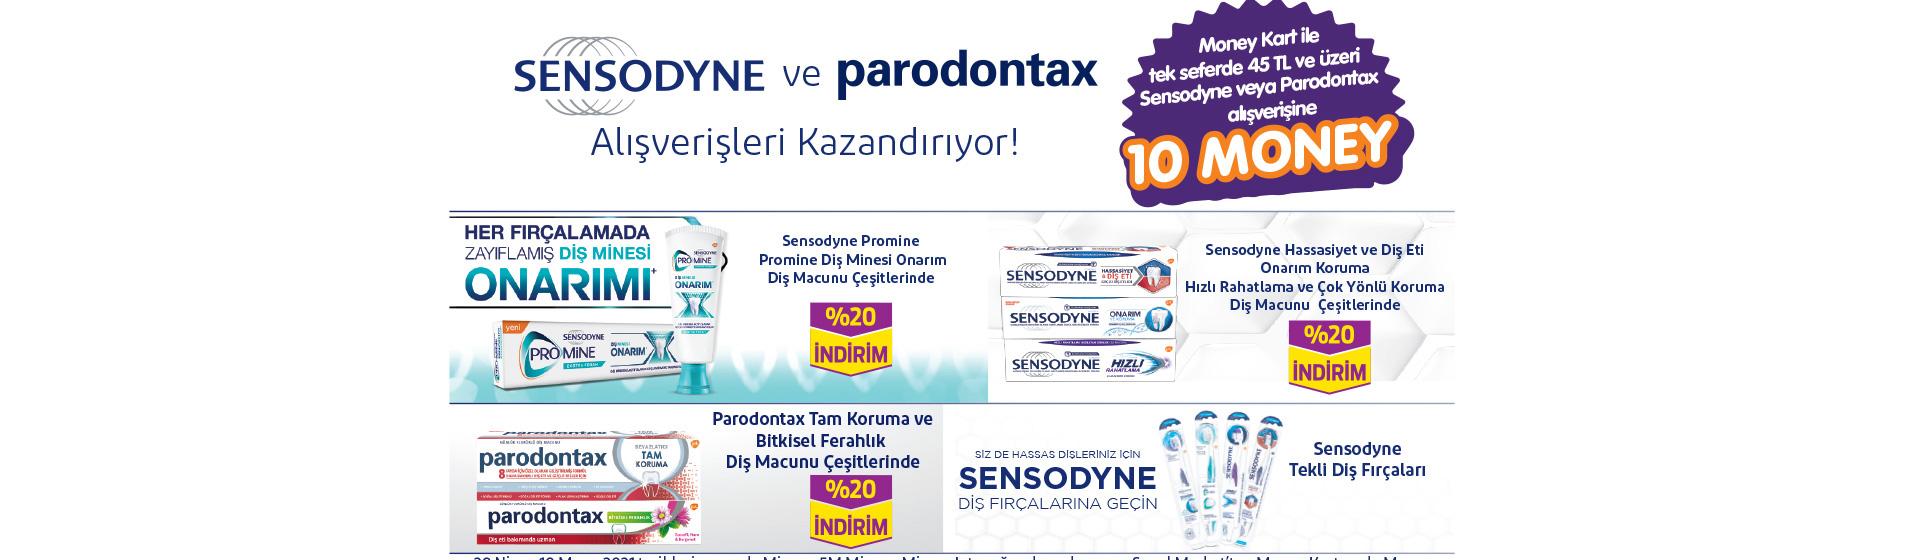 Sensodyne Paradontax Money Kampanyası